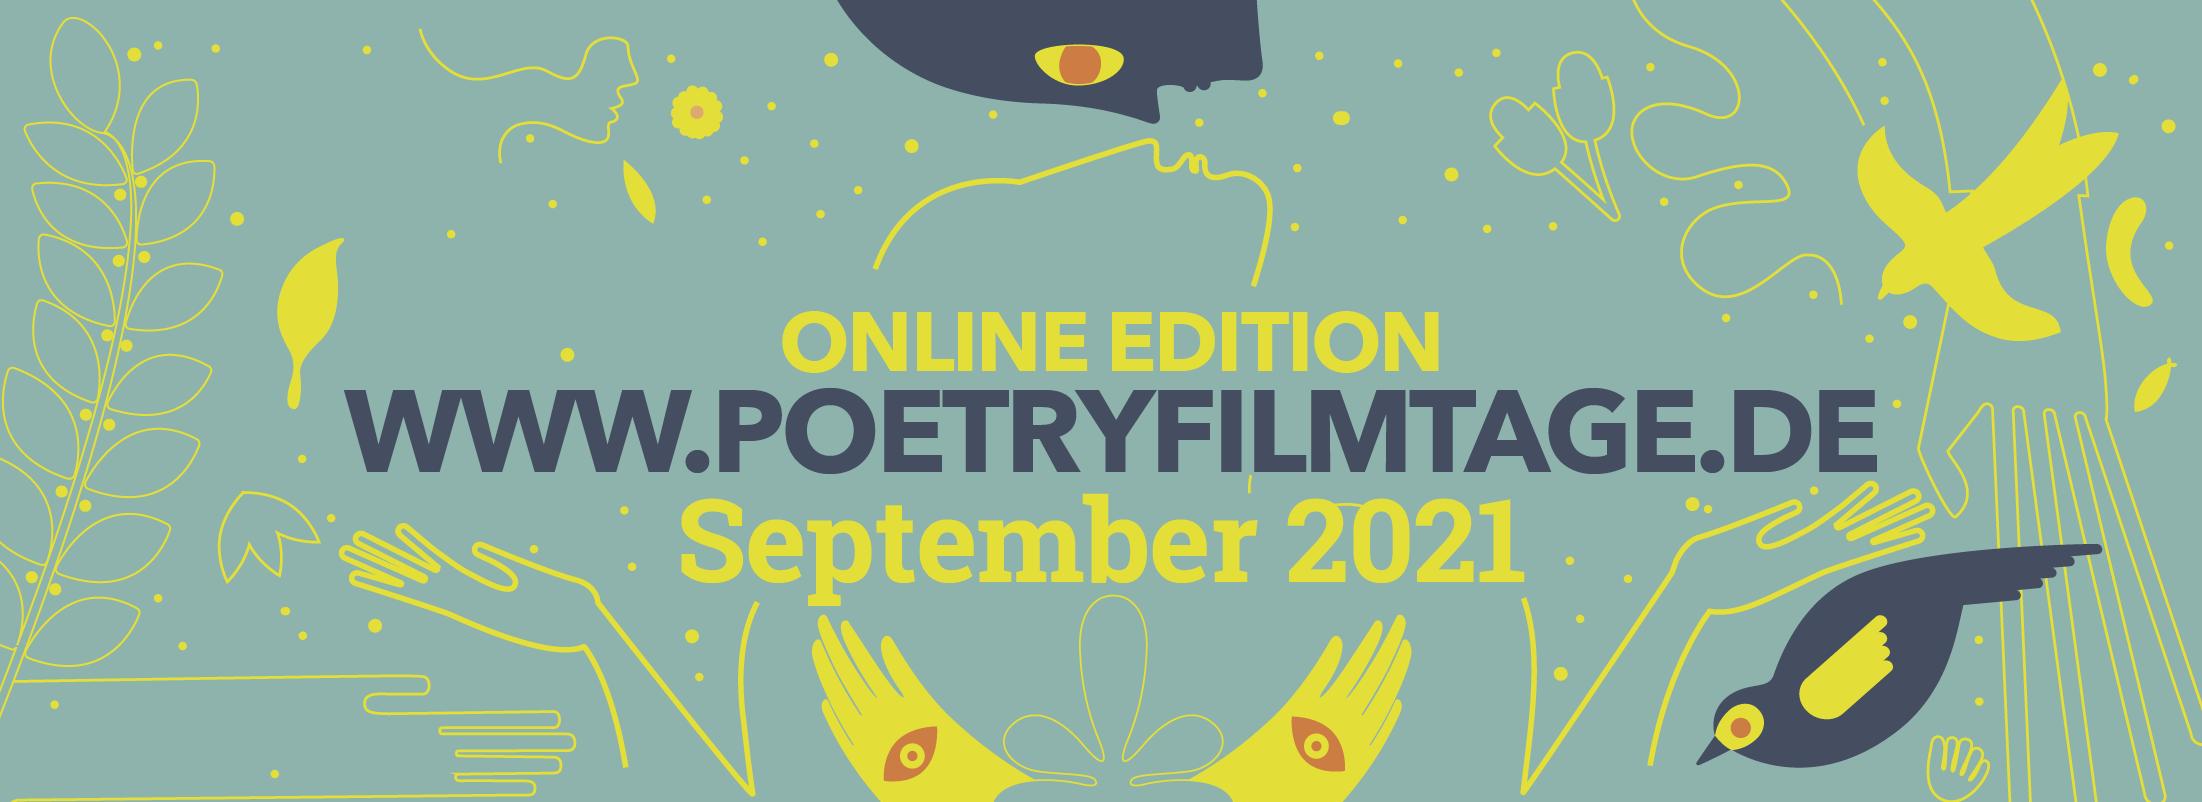 Poetry Film Festival of Thuringia - September 2021